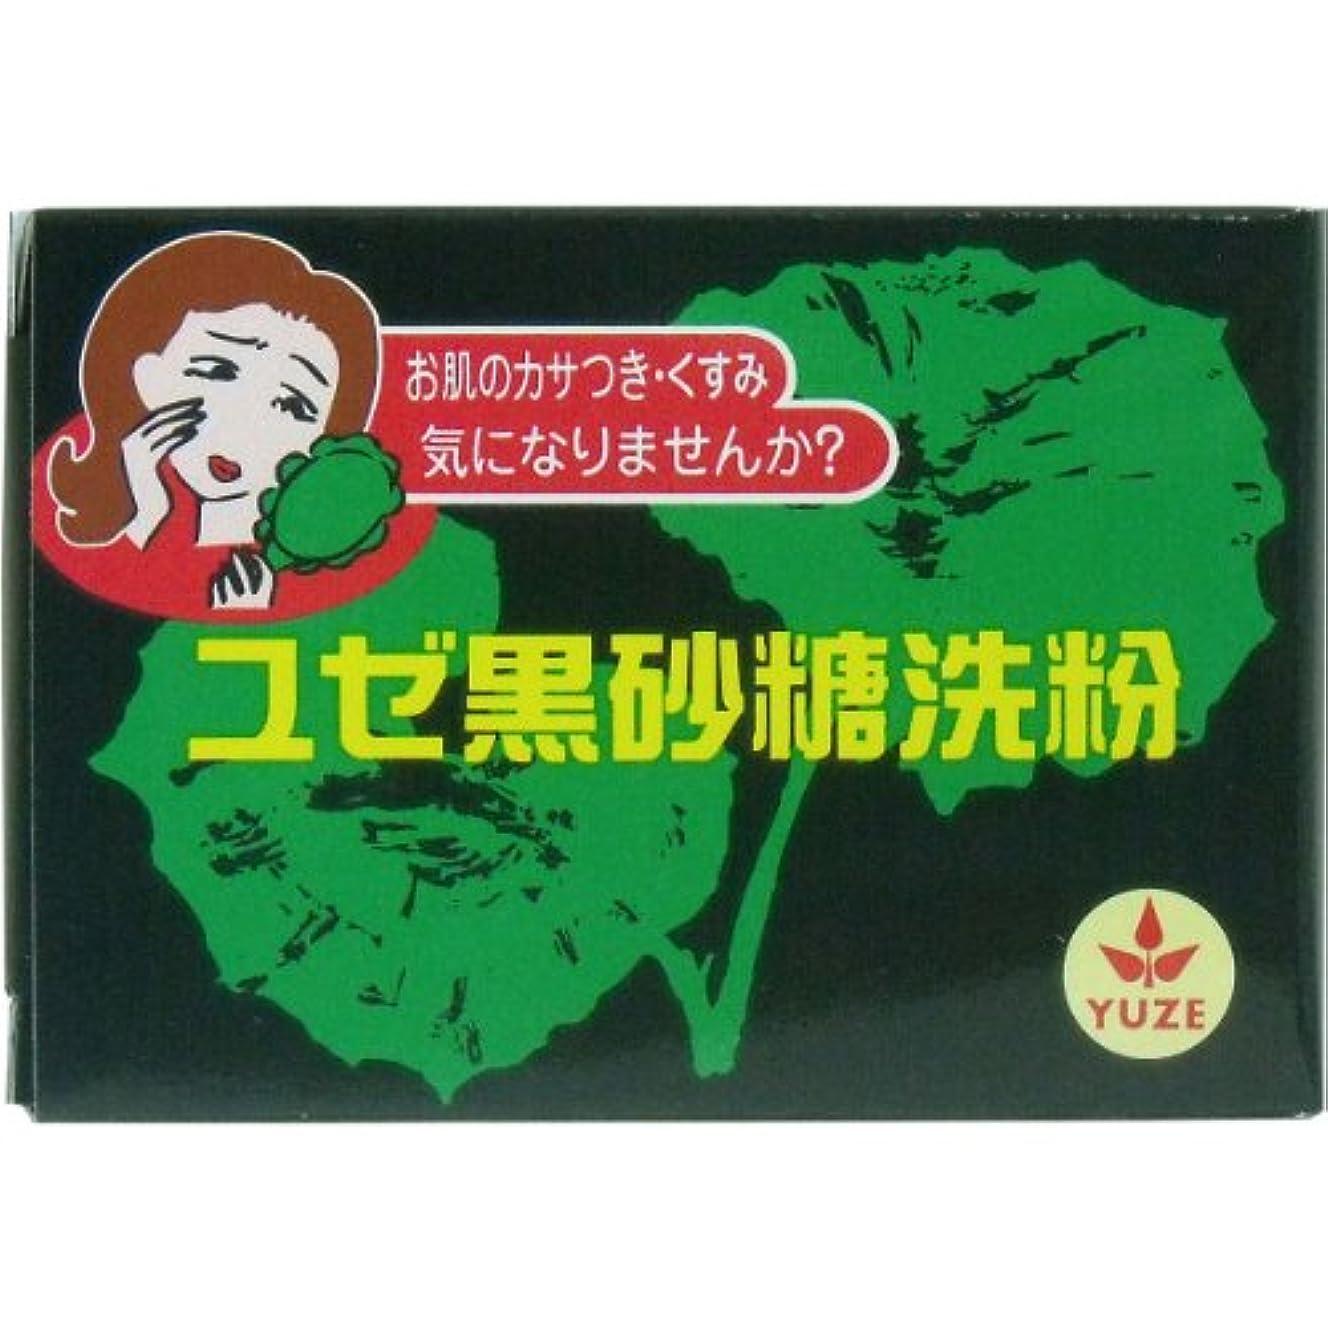 制限する責ケイ素【まとめ買い】ユゼ 黒砂糖洗粉 75g ×2セット